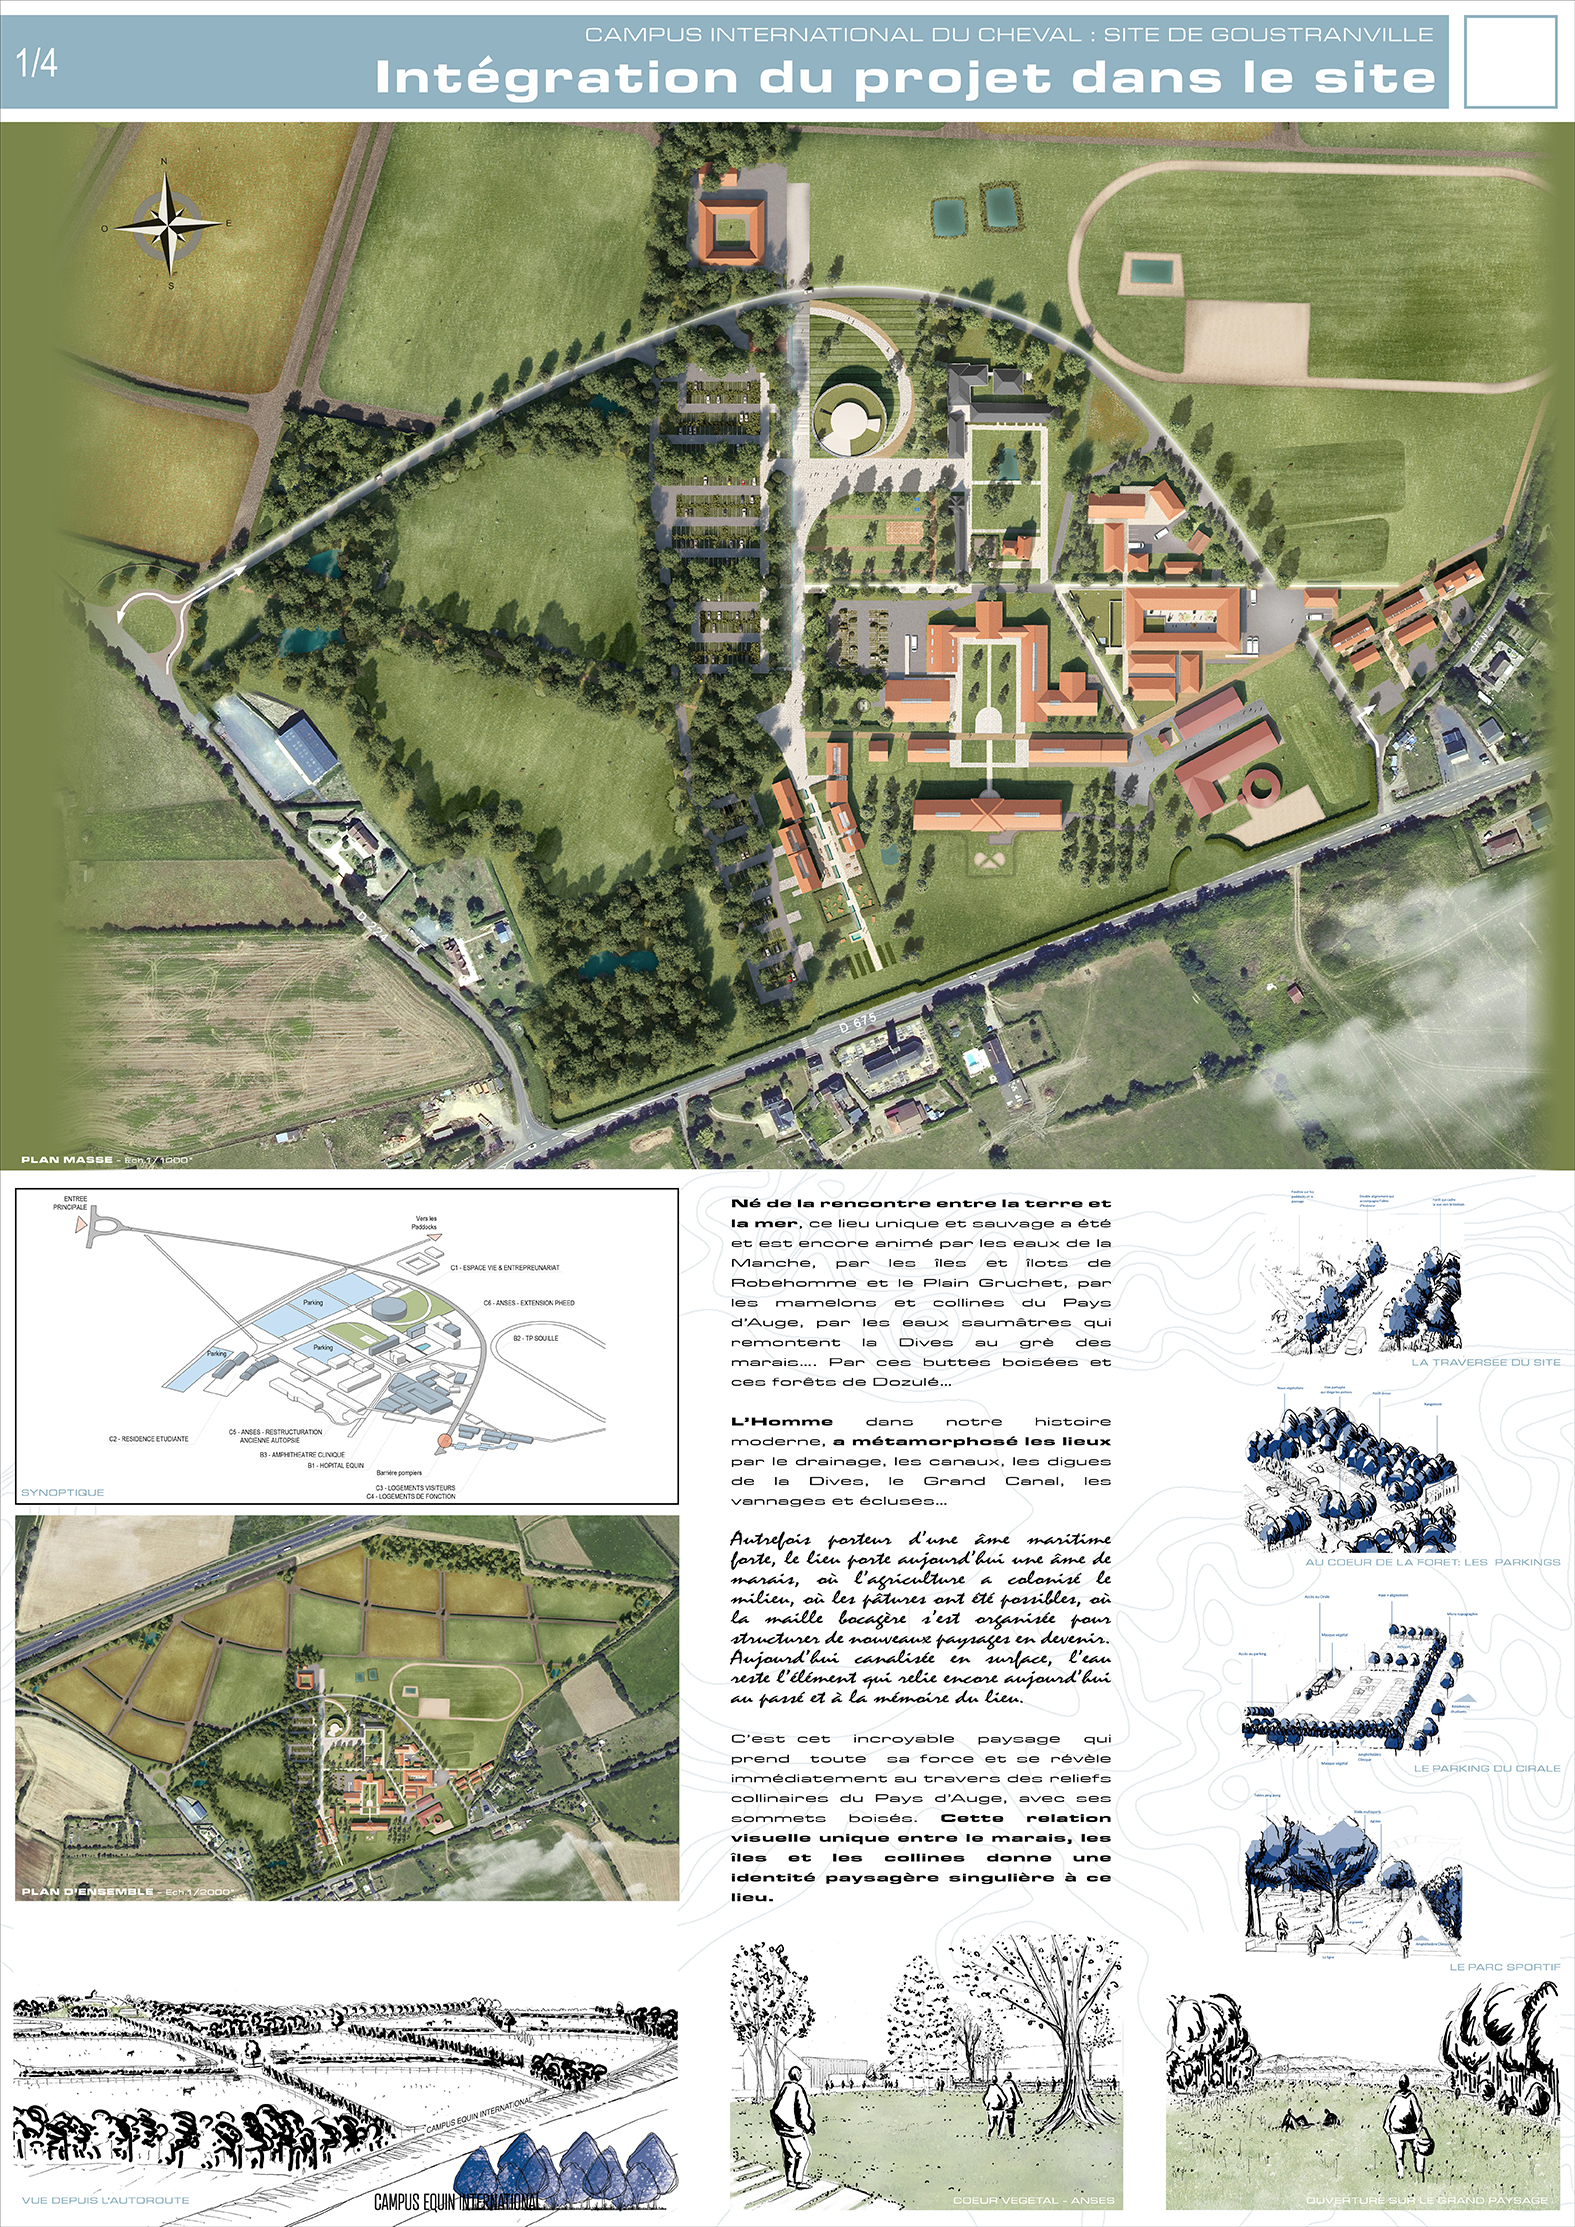 Présentation du projet du Campus International du Cheval de Goustranville